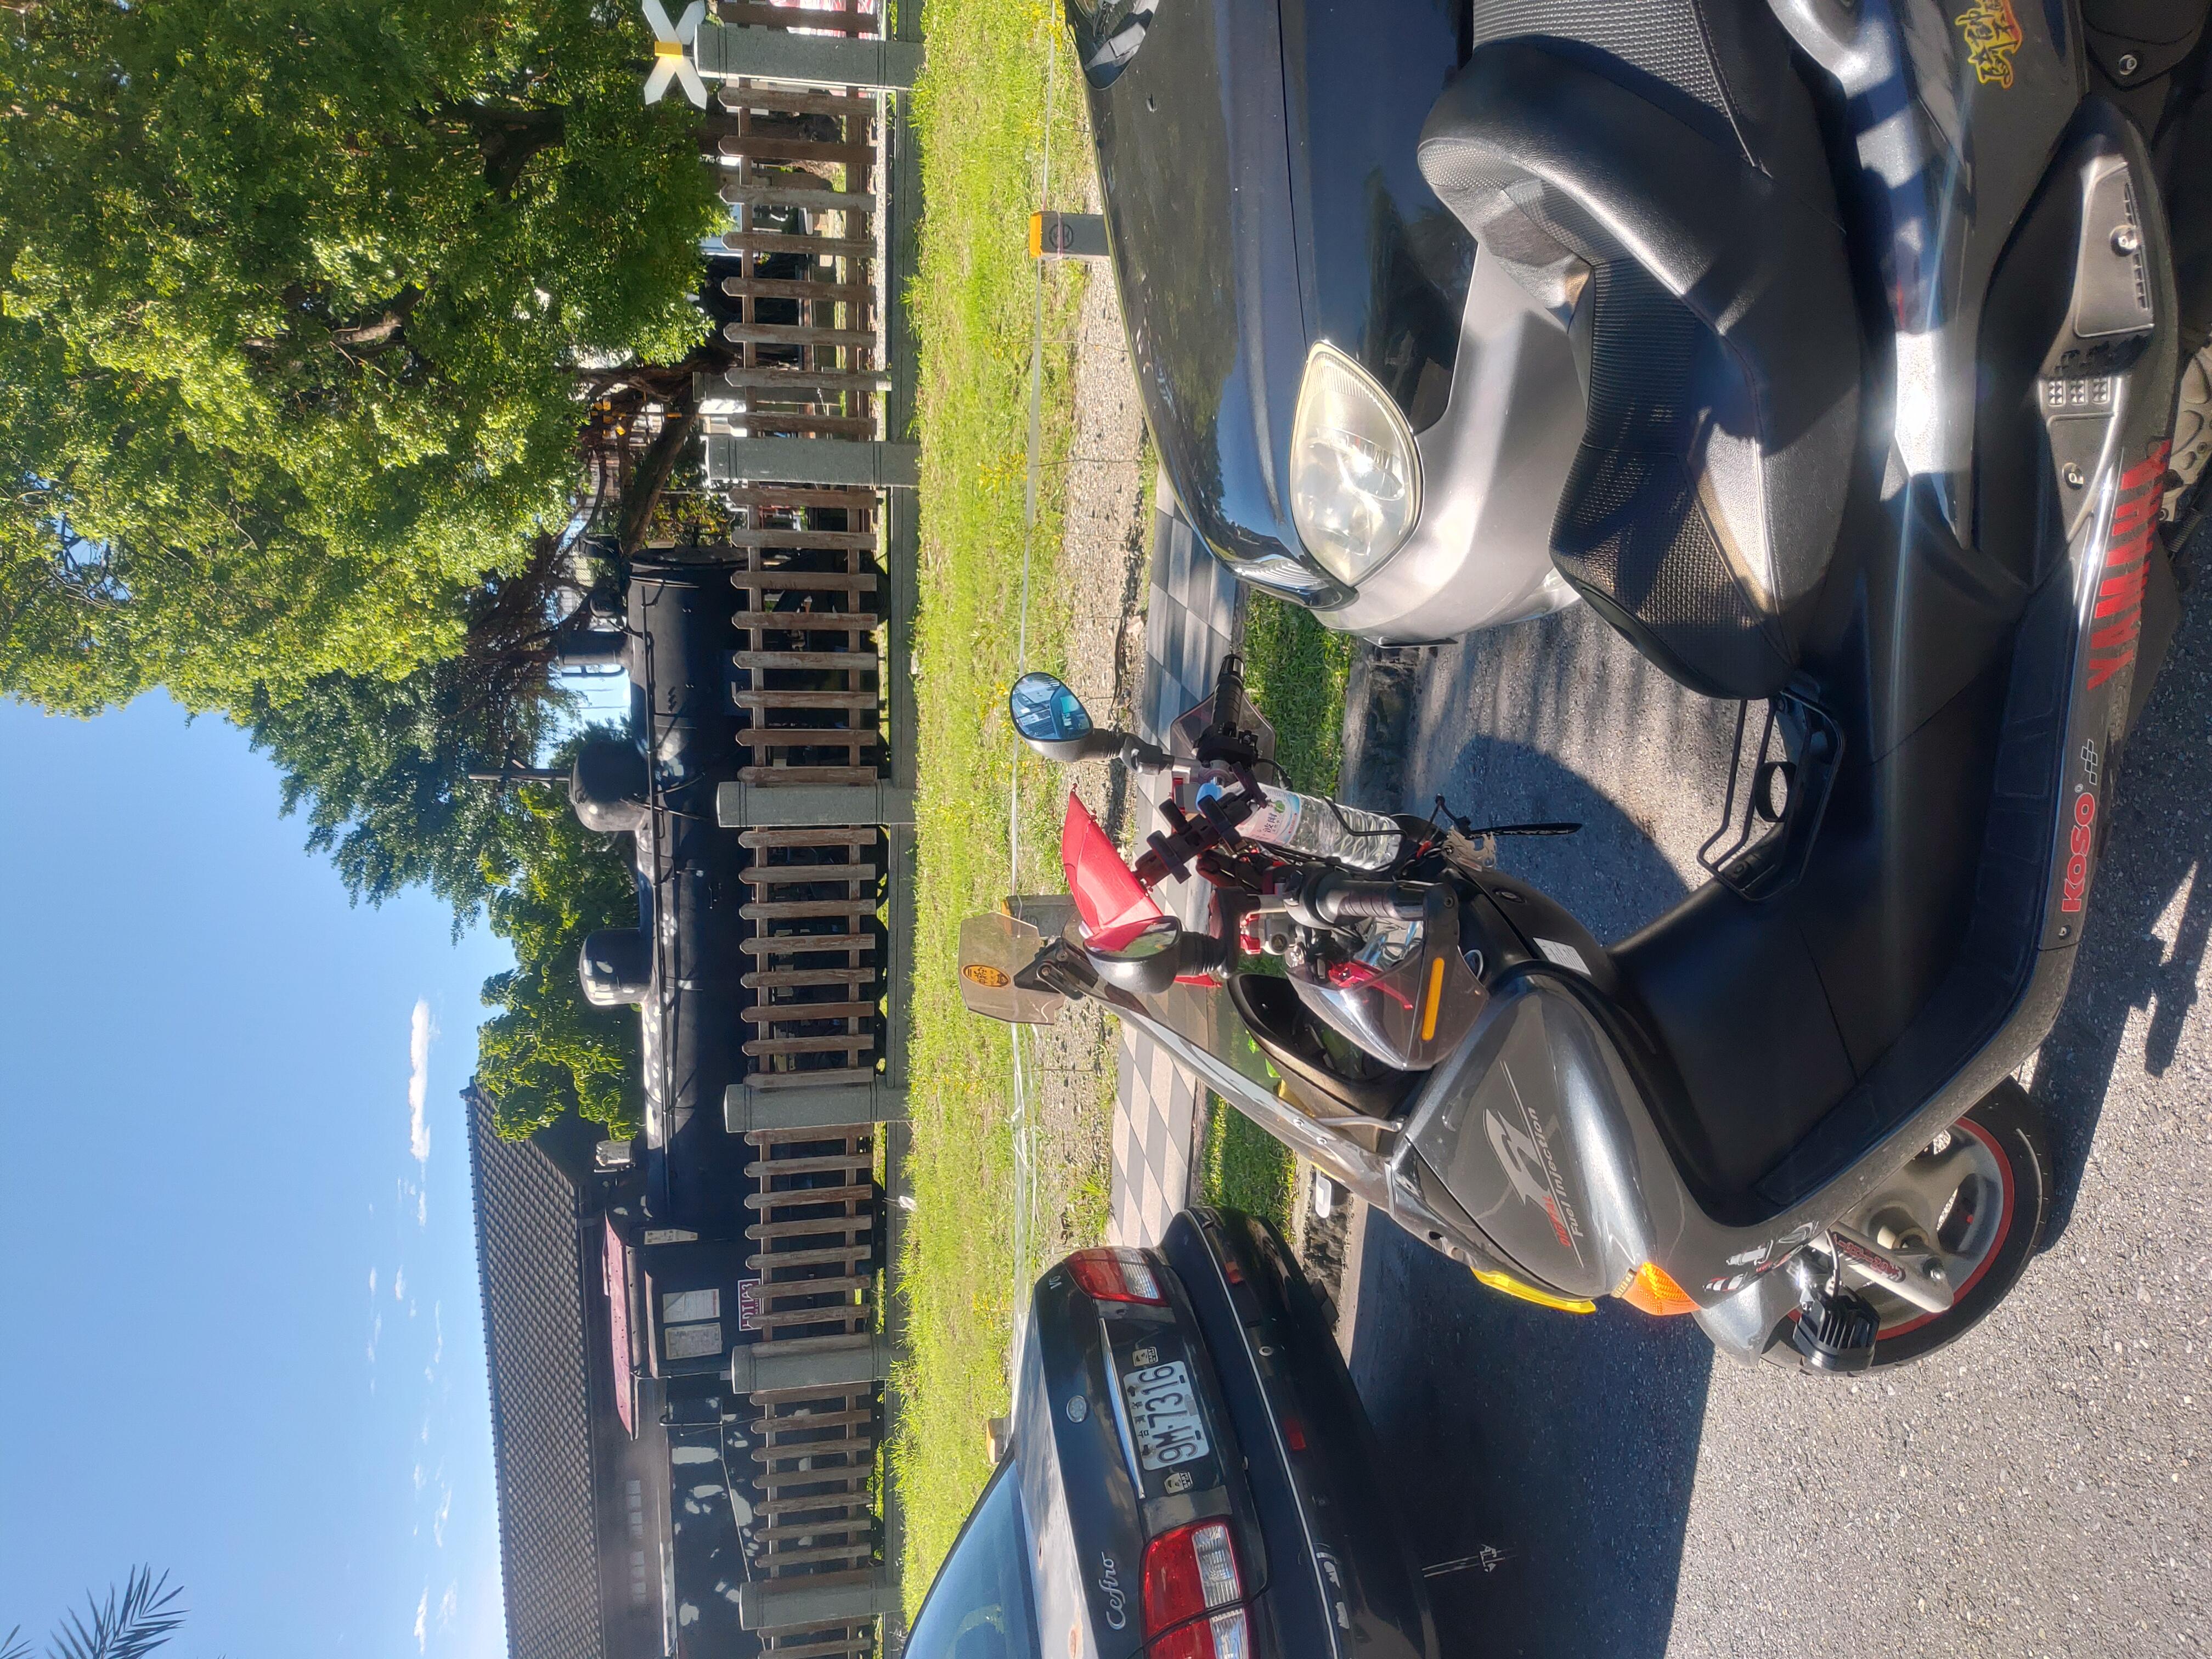 5th 走!去騎摩托車吧!六天五夜山海奇行環島之旅9749